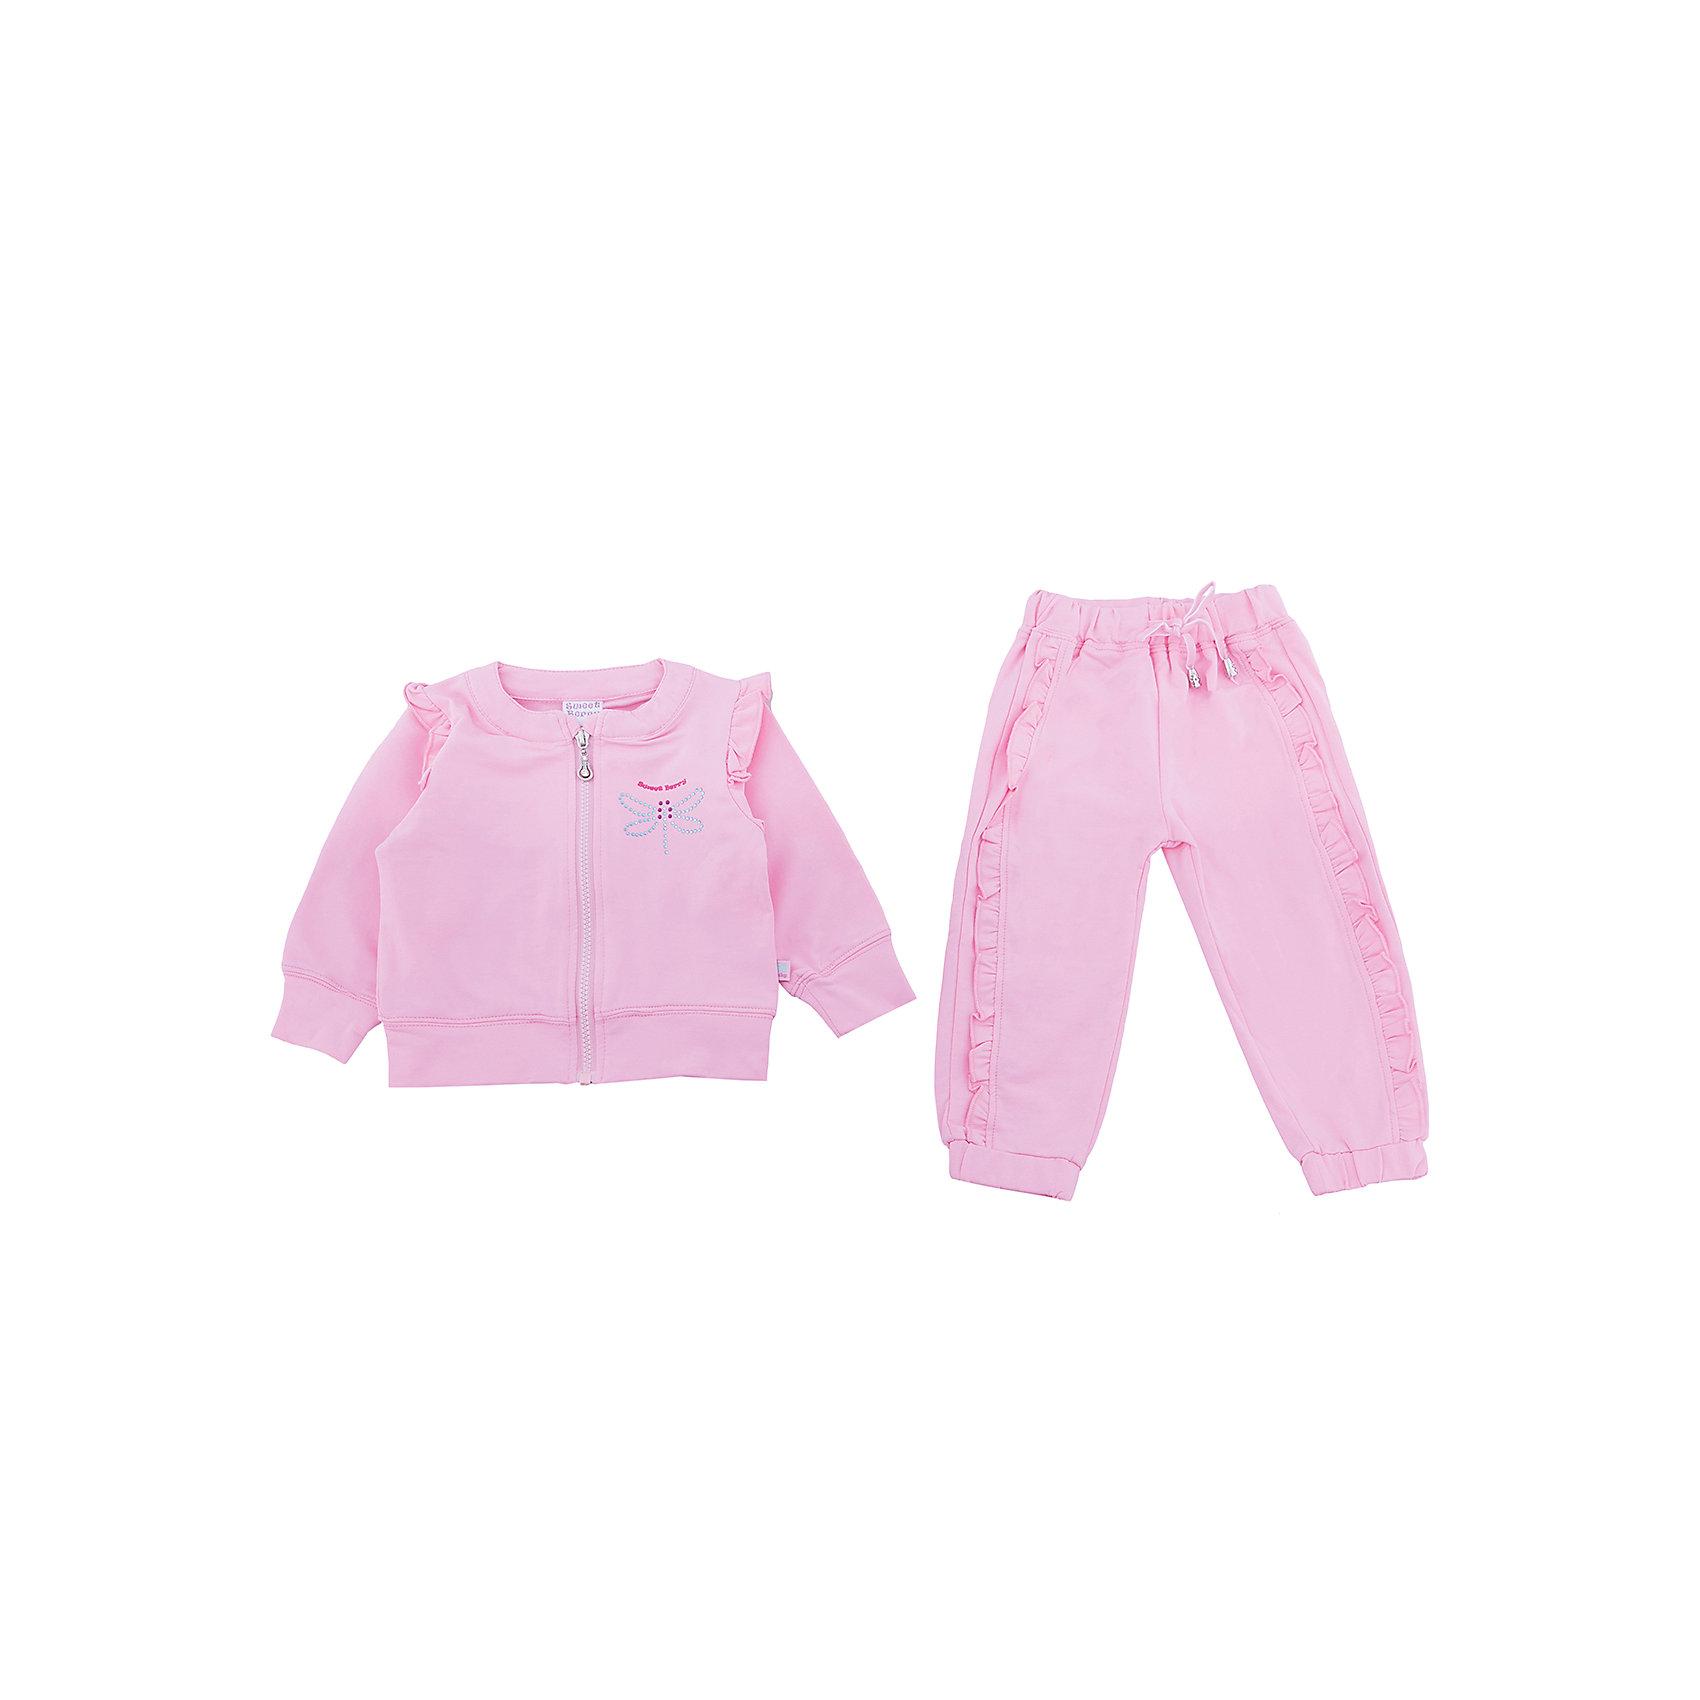 Спортивный костюм для девочки Sweet BerryКомплекты<br>Спортивный трикотажный костюм розового цвета для девочки.  Куртка застегивается на молнию и декорирована стразами. Брюки спортивного стиля с зауженным низом собранные на мягкую резинку. Пояс-резинка дополнен шнуром для регулирования объема.<br>Состав:<br>95%хлопок 5%эластан<br><br>Ширина мм: 247<br>Глубина мм: 16<br>Высота мм: 140<br>Вес г: 225<br>Цвет: розовый<br>Возраст от месяцев: 12<br>Возраст до месяцев: 15<br>Пол: Женский<br>Возраст: Детский<br>Размер: 80,86,92,98<br>SKU: 5411203